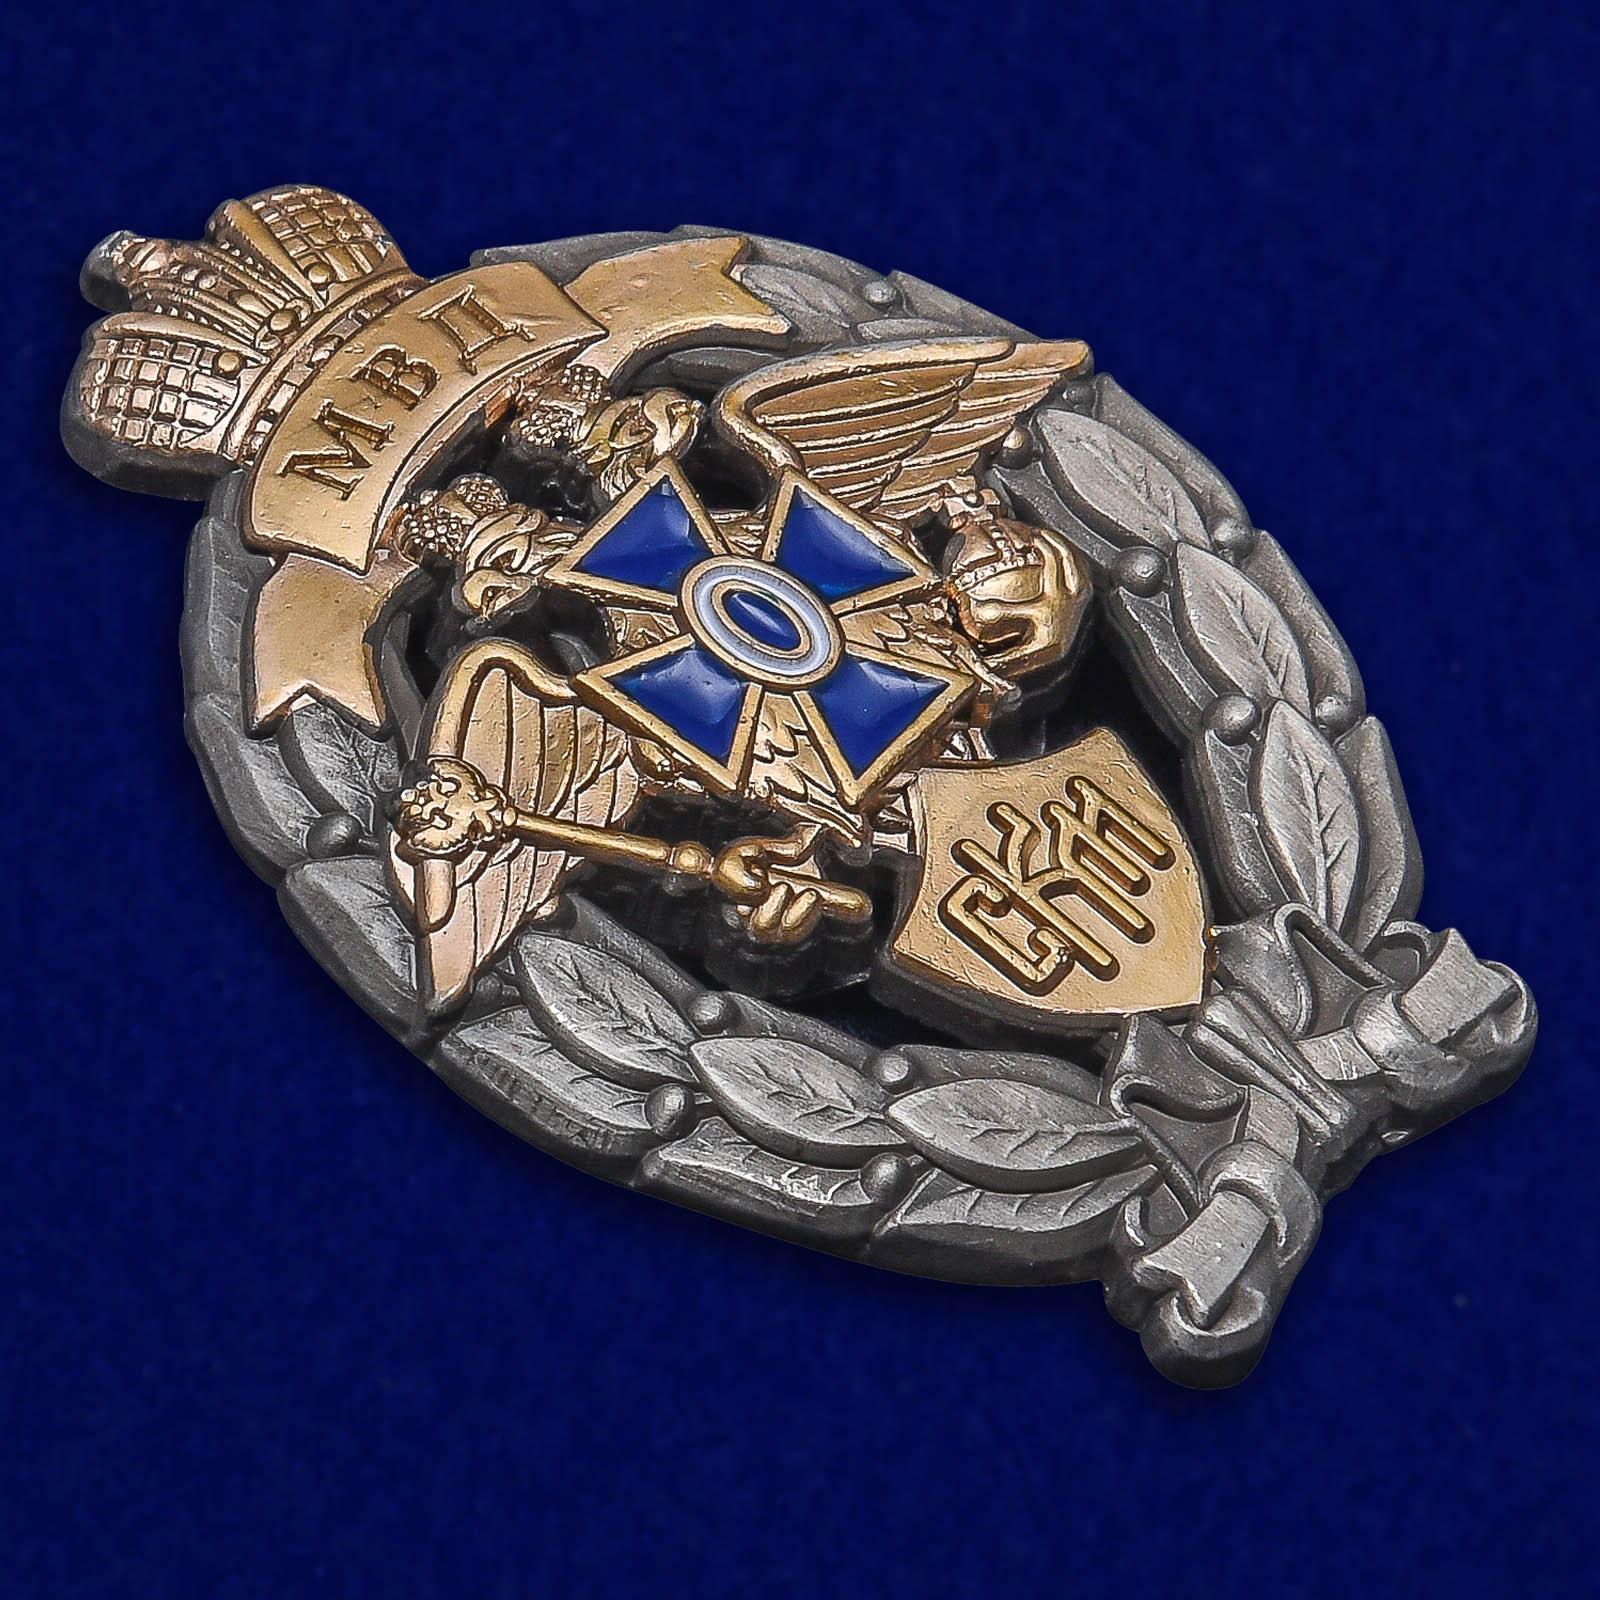 Латунный знак МВД Лучший сотрудник криминальной полиции - общий вид